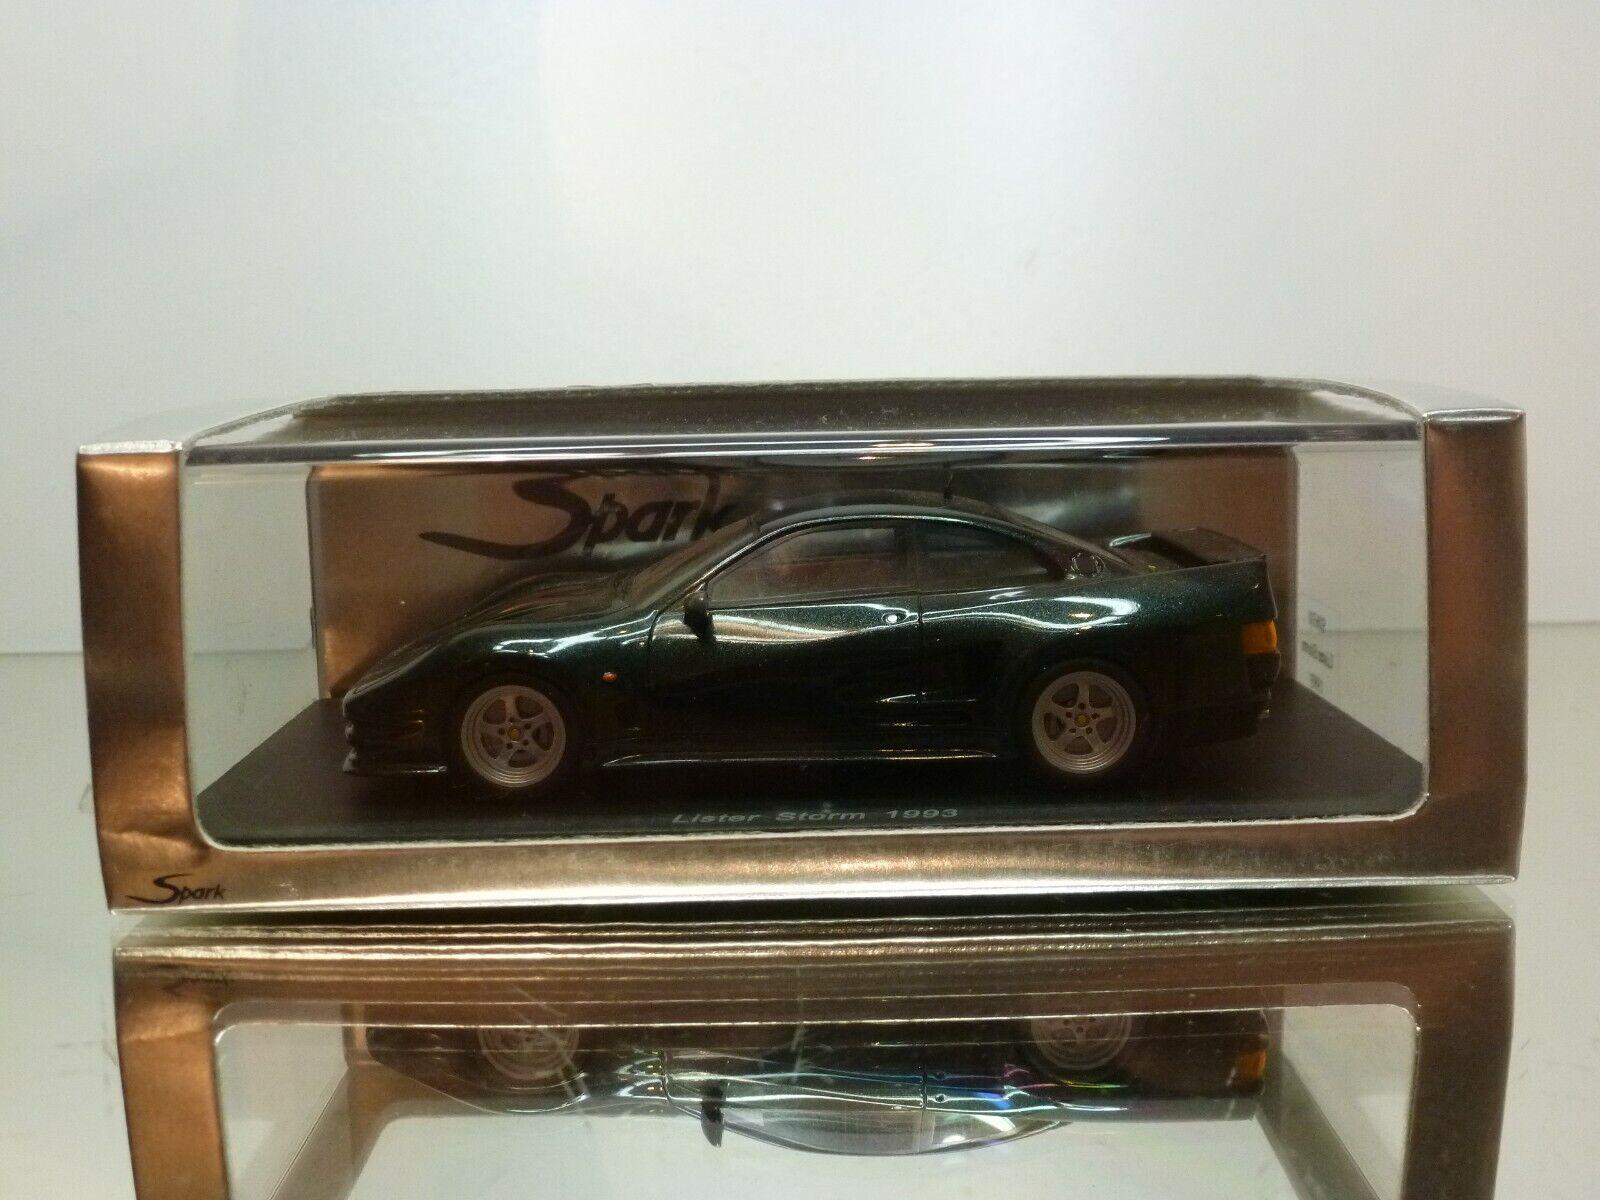 compras en linea SPARK S0630 LISTER STORM 1993 - verde METALLIC 1 43 43 43 - EXCELLENT IN BOX  en venta en línea